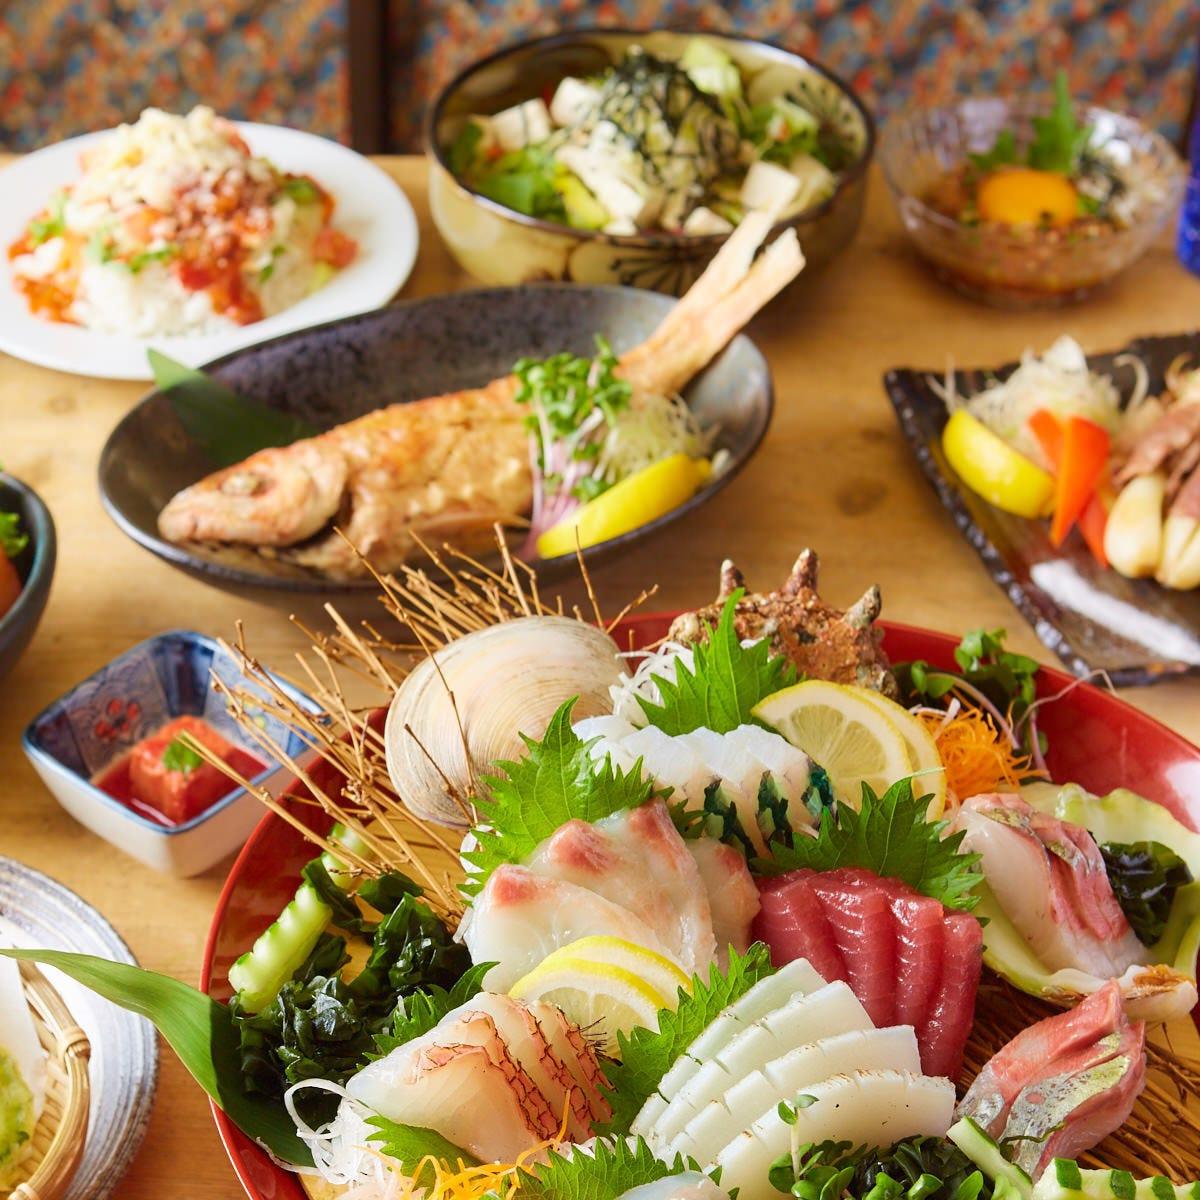 沖縄食材や郷土料理も充実